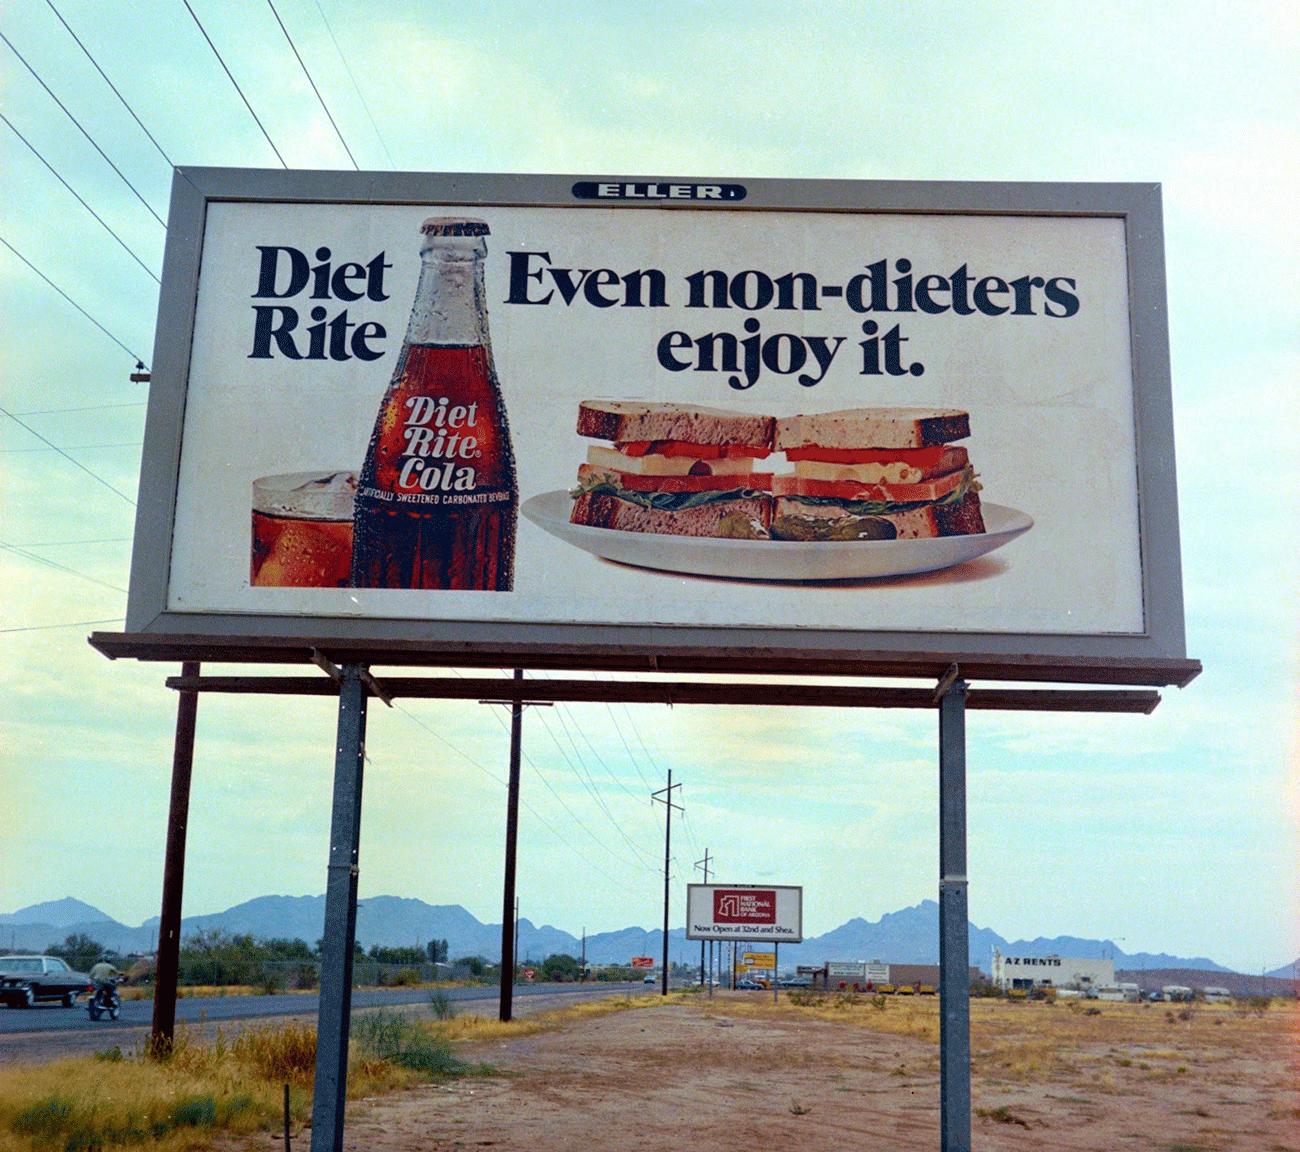 Une publicité pour le Diet Rite Cola, sur une route de l'Arizona dans les années 60Crédits